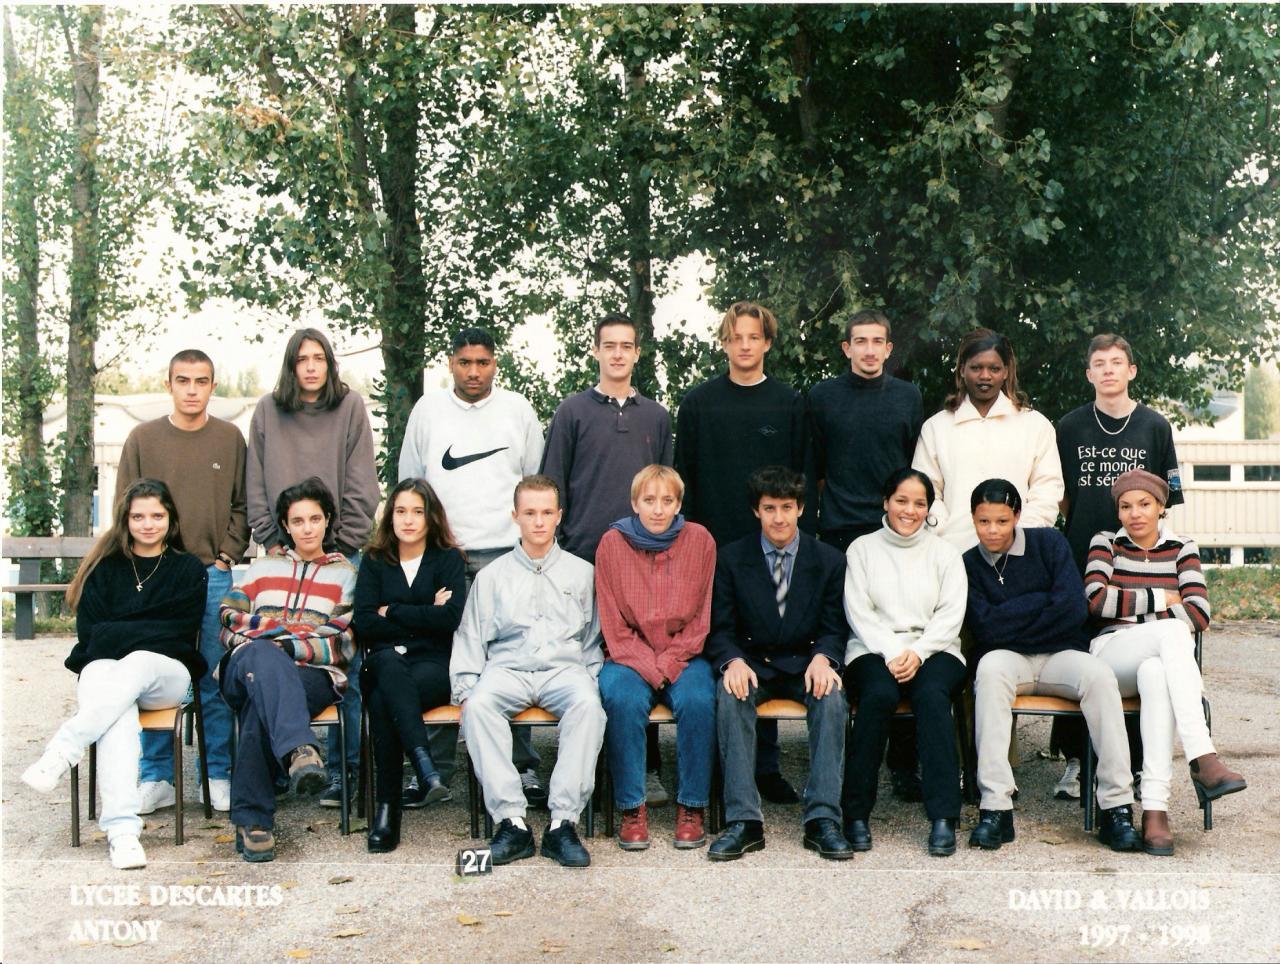 1998 - TACC - DAVID